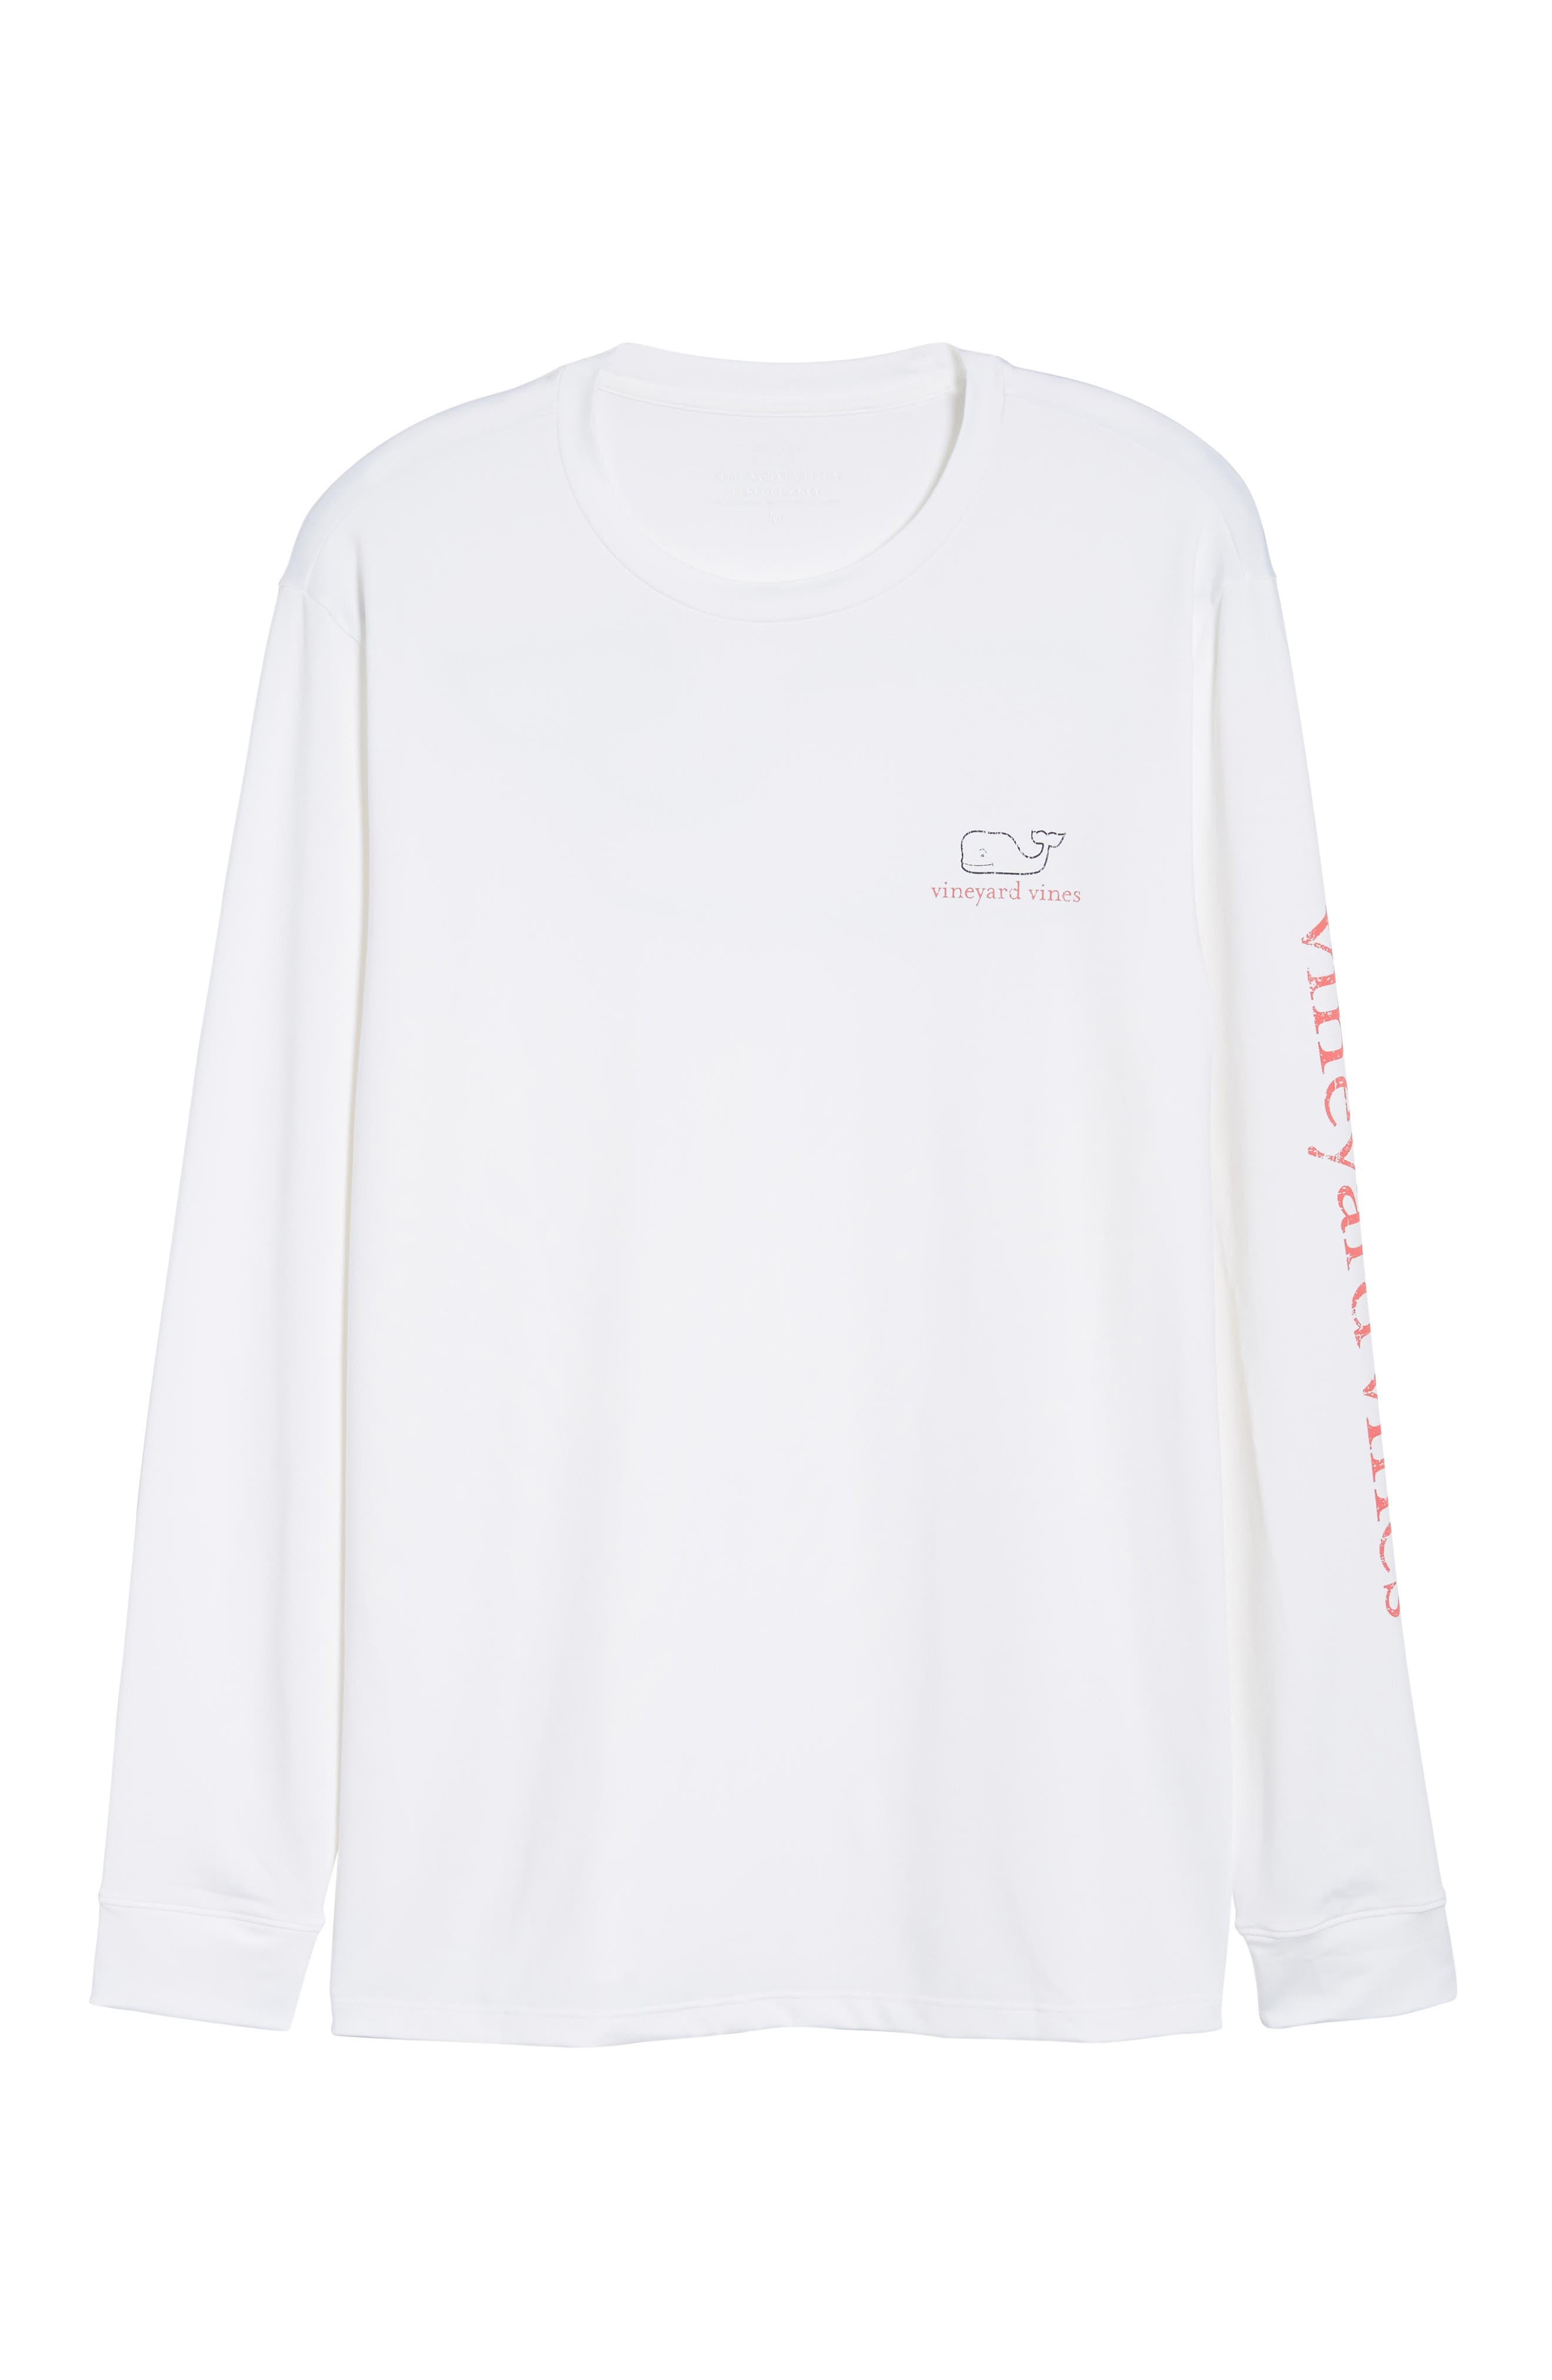 Vintage Whale Performance T-Shirt,                             Alternate thumbnail 6, color,                             100